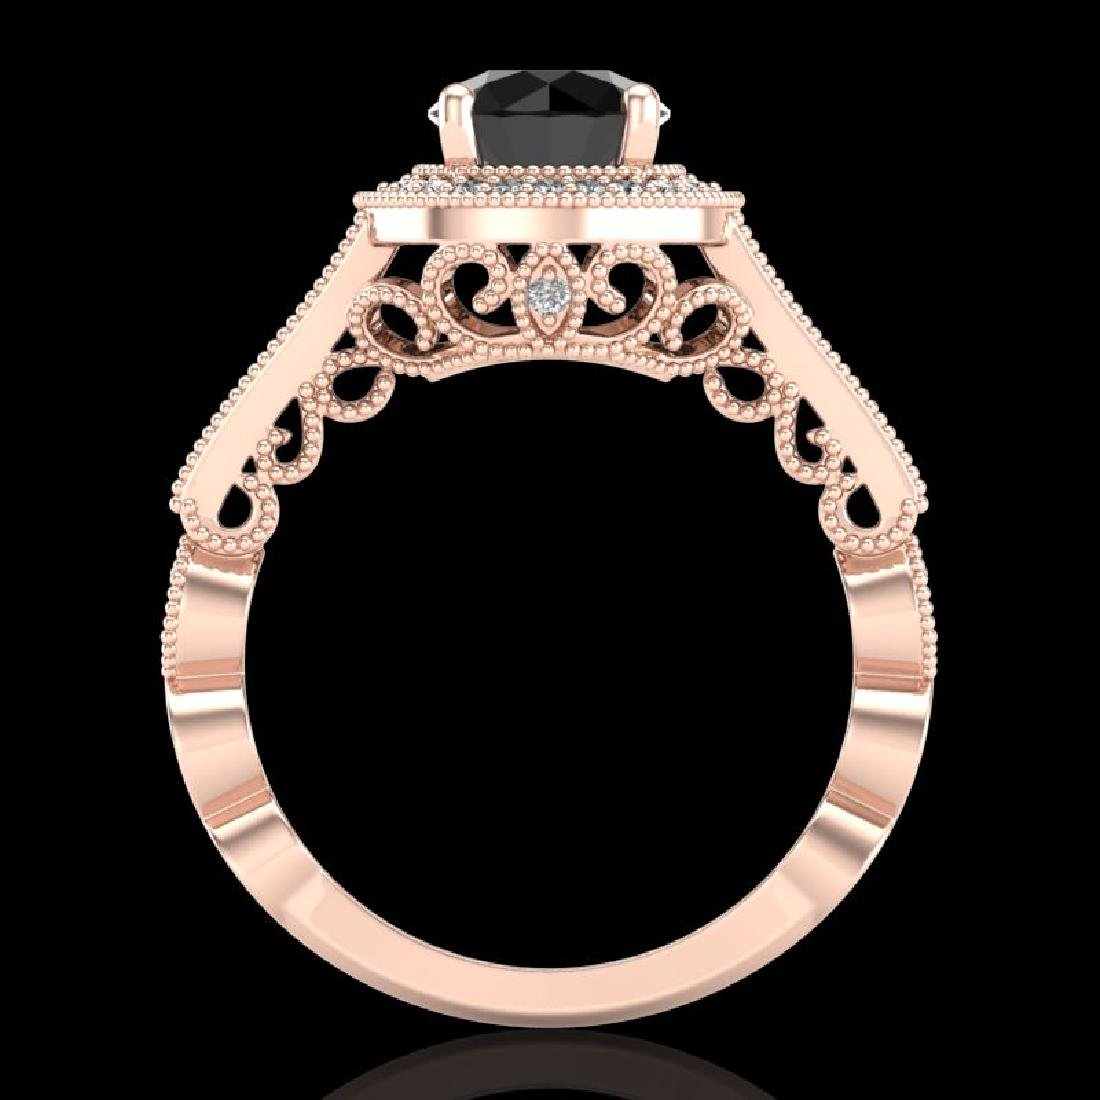 1.91 CTW Fancy Black Diamond Solitaire Engagement Art - 3